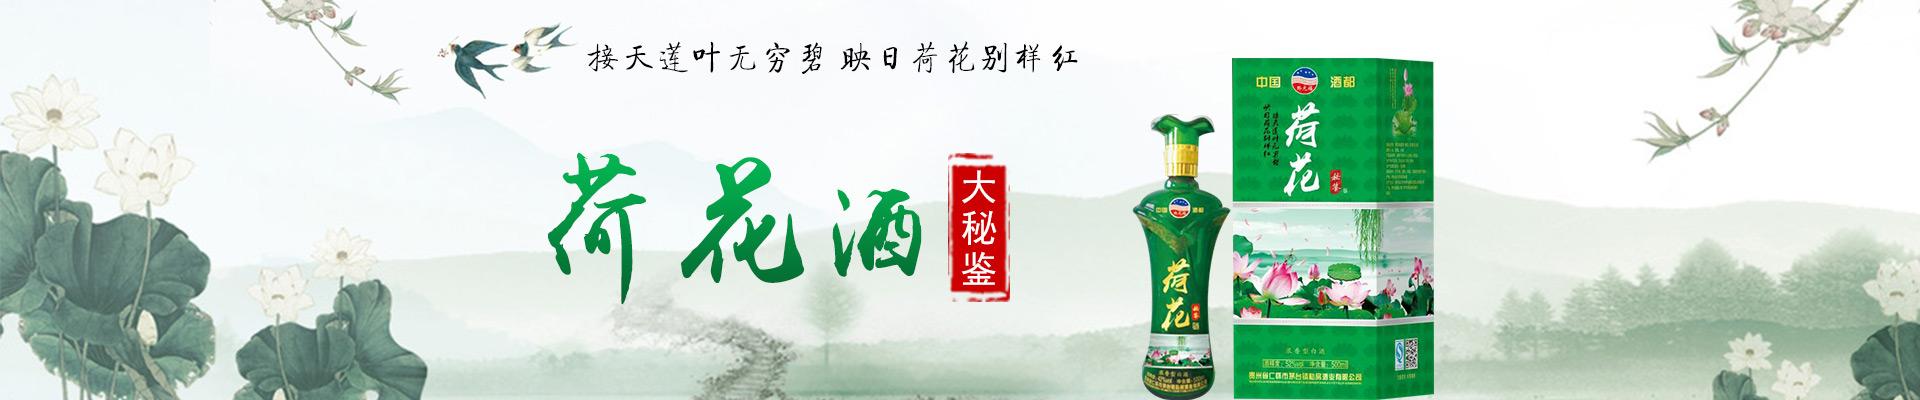 贵州台郎酒业(集团)有限责任公司